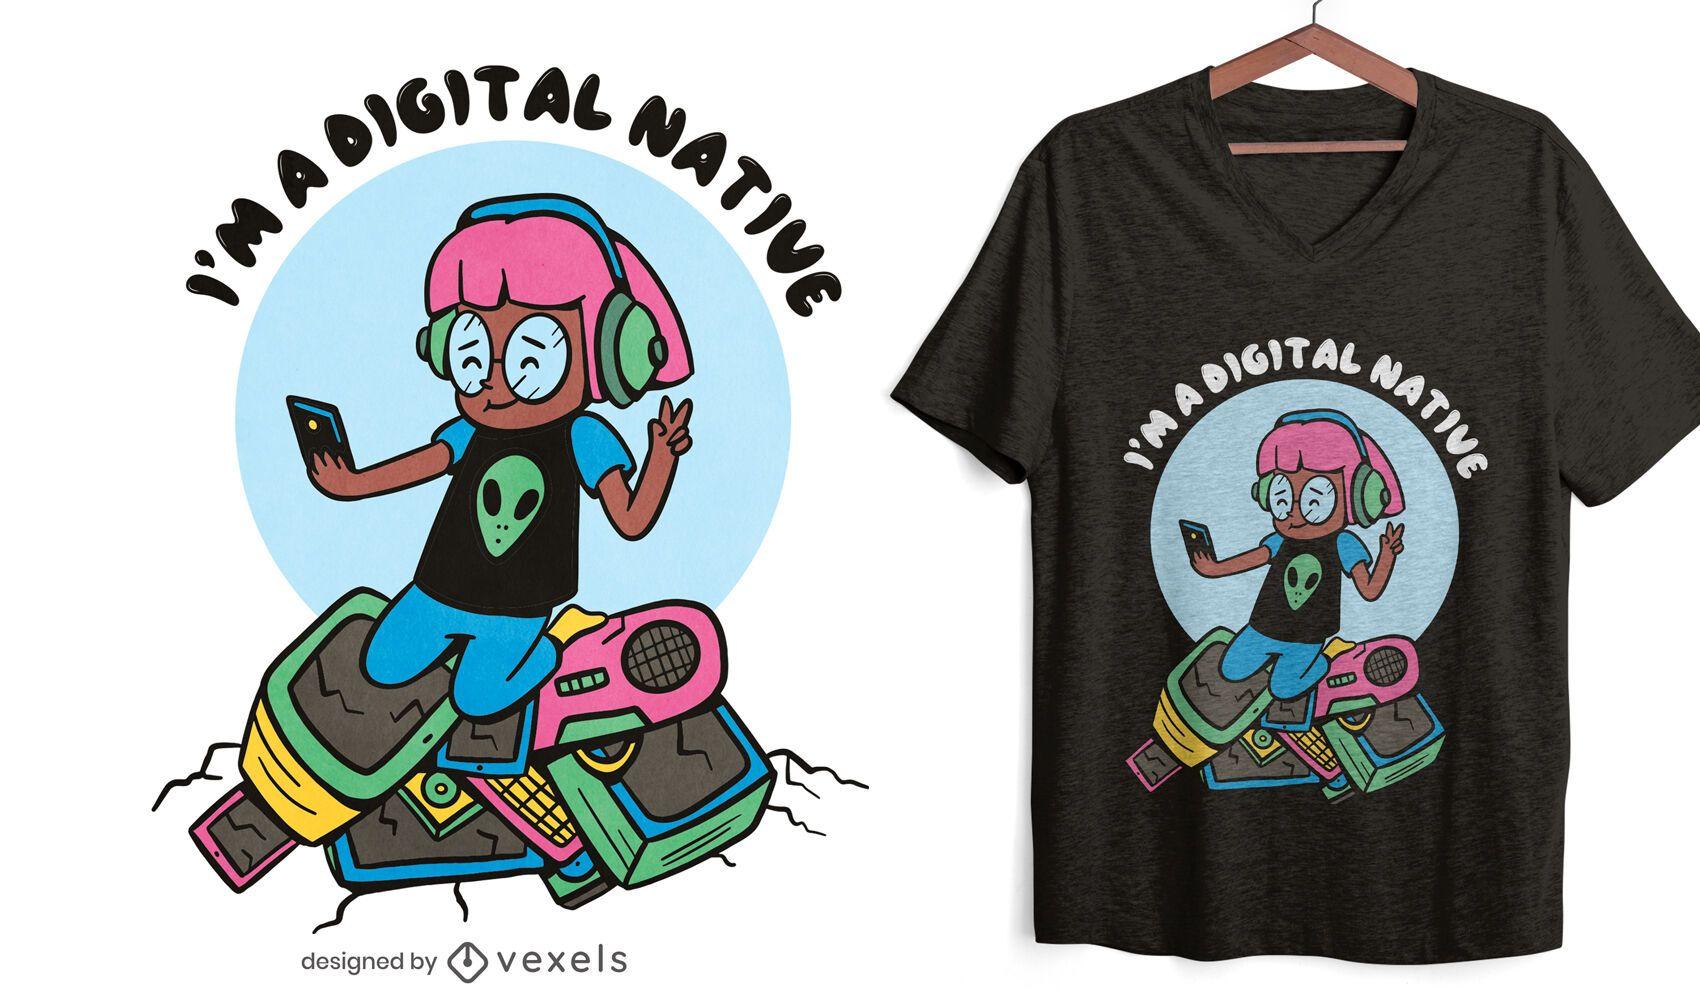 Technology girl selfie t-shirt design